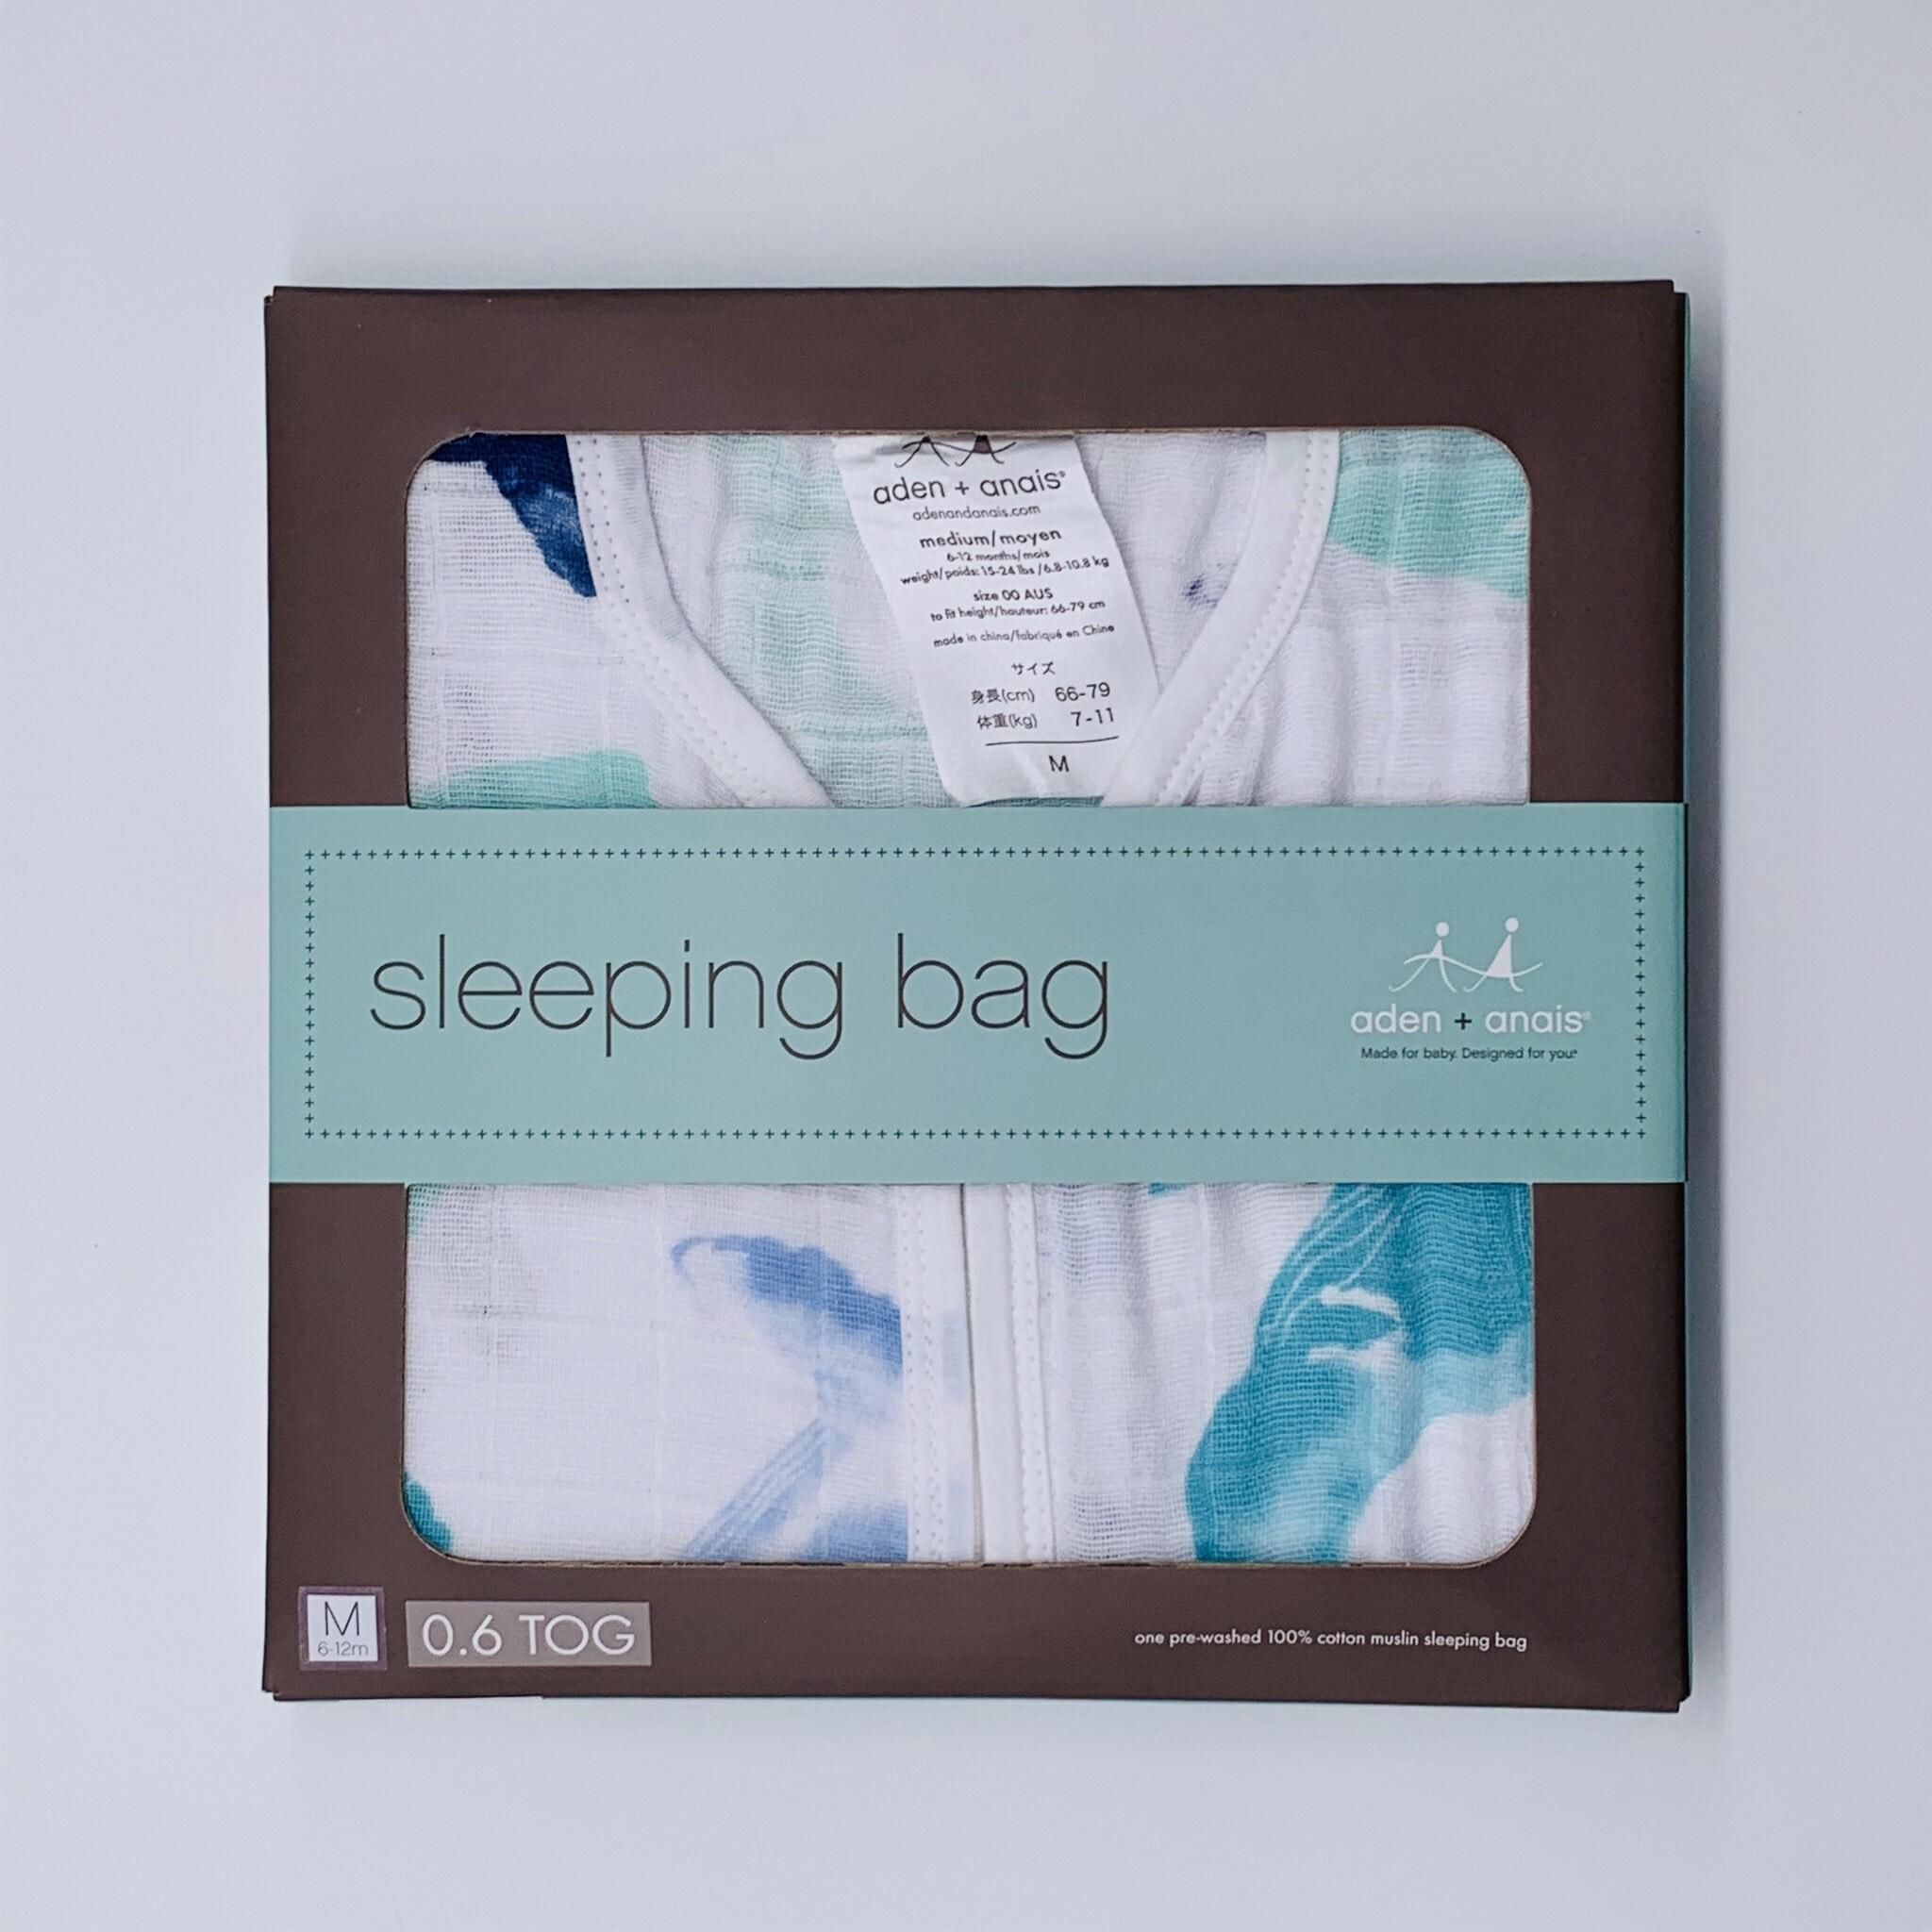 Aden&Anaisクラシックスリーピングバッグ/おやすみ中も安心!赤ちゃんの冷えを防ぎ、お顔に被さる心配なし★おむつ替えも簡単!